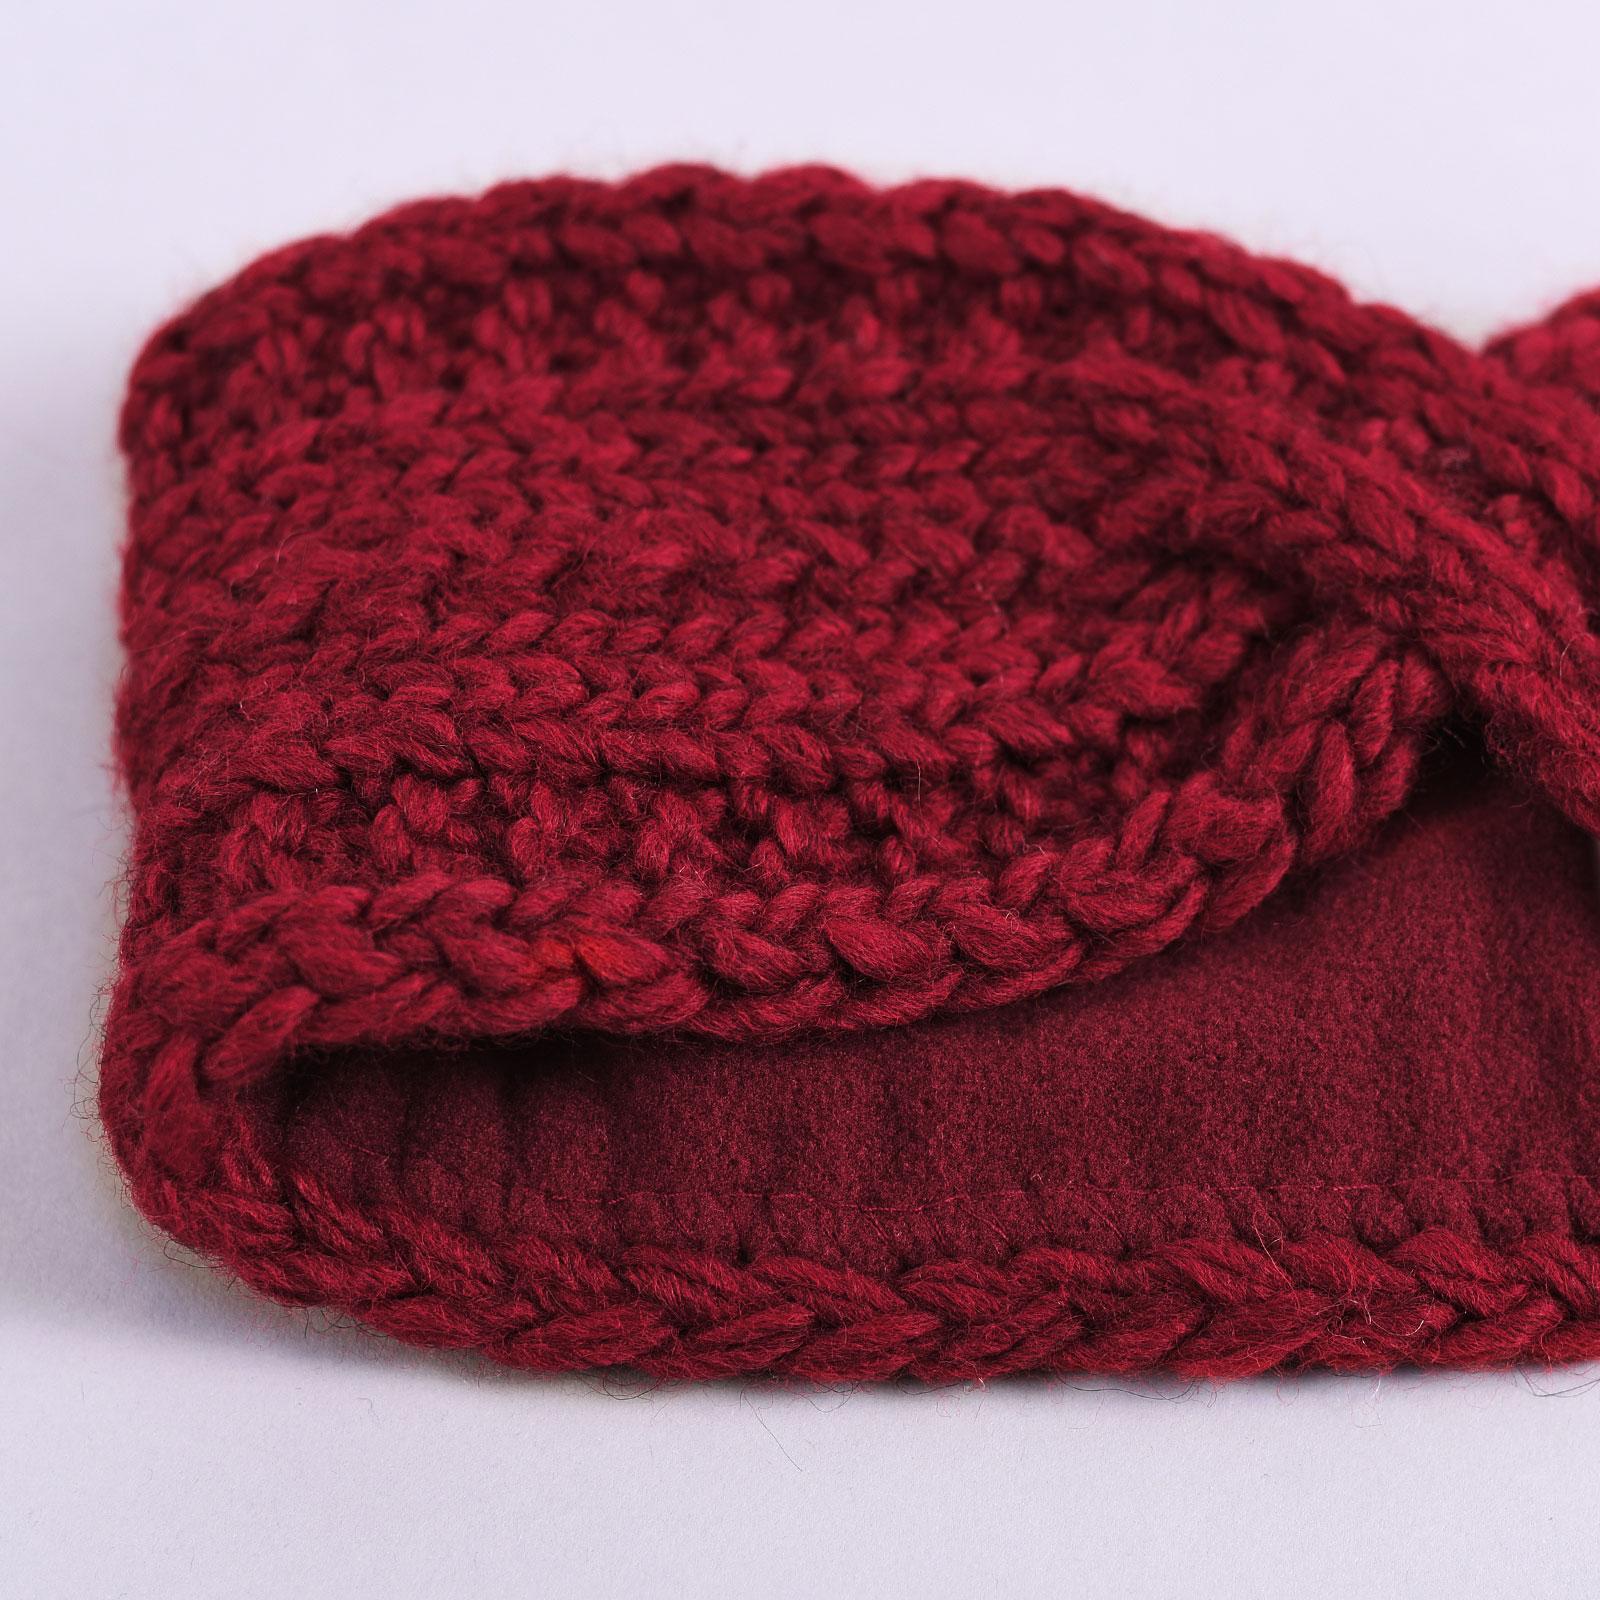 CP-01073-D16-3-tour-de-tete-rouge-bordeaux